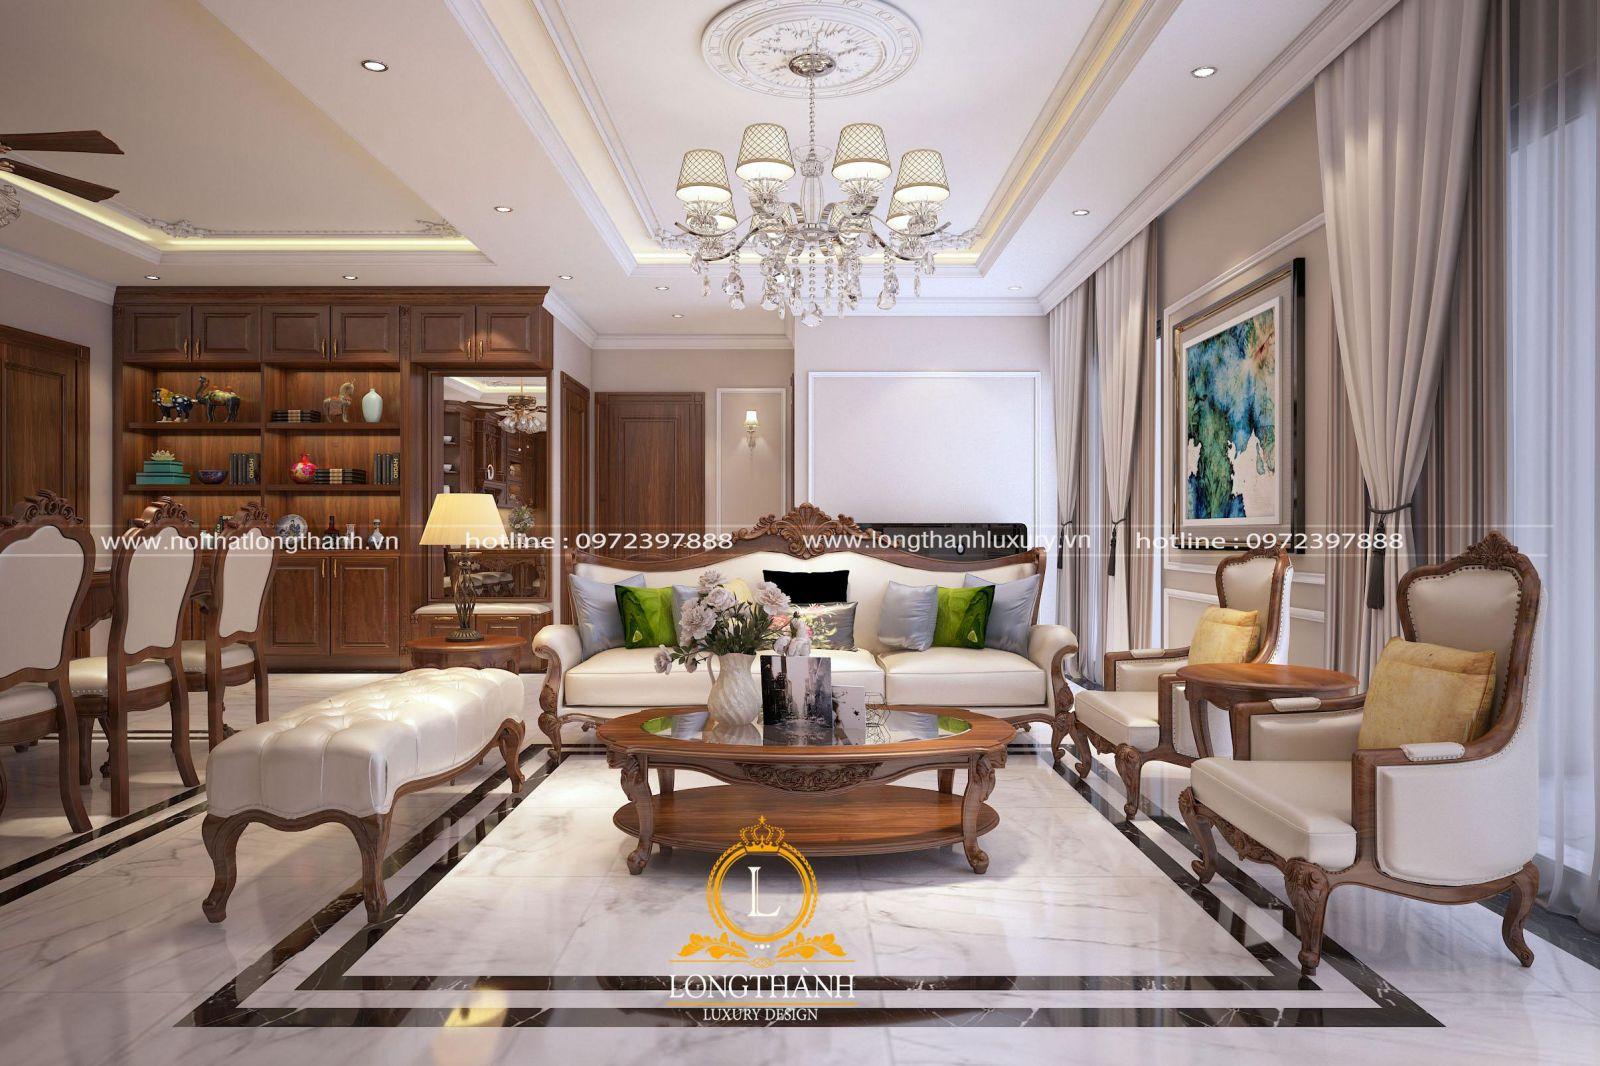 Mẫu sofa được thiết kế nhẹ nhàng được bọc chất liệu da mịn mang đến cảm giác thoải mái cho người dùng